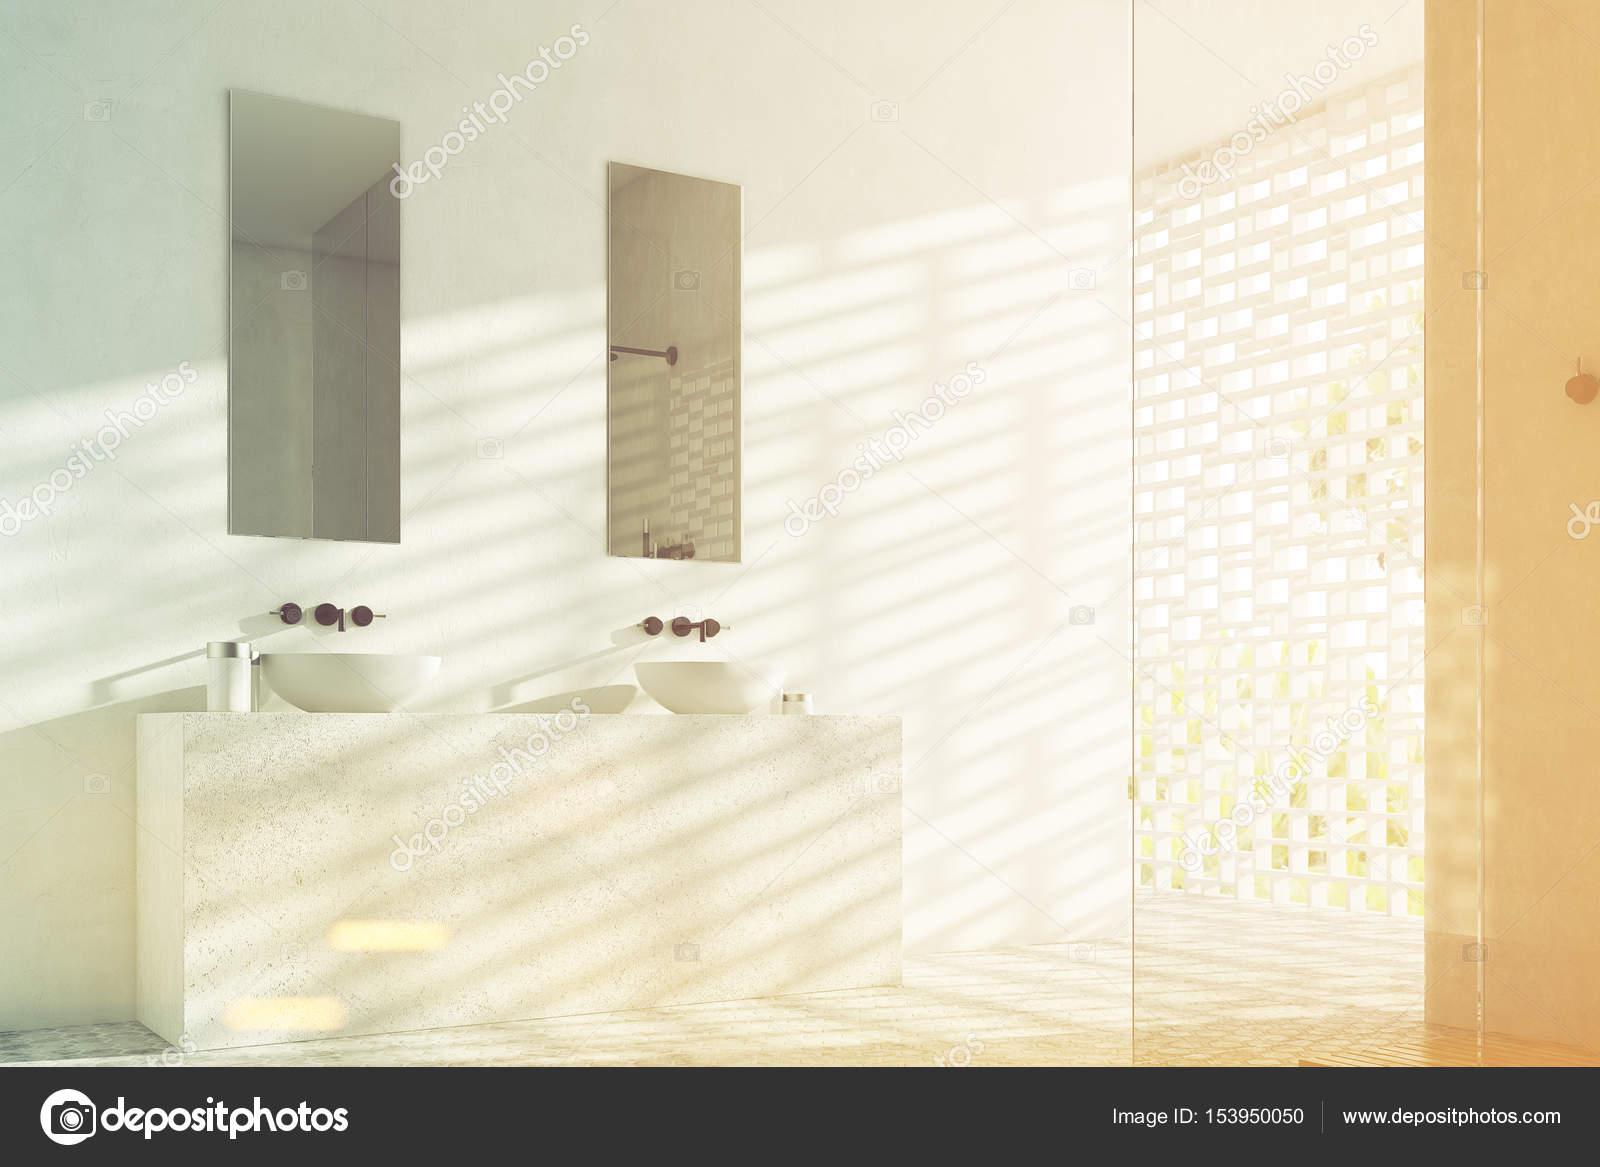 Vista laterale di un bagno con due lavelli e strette specchi